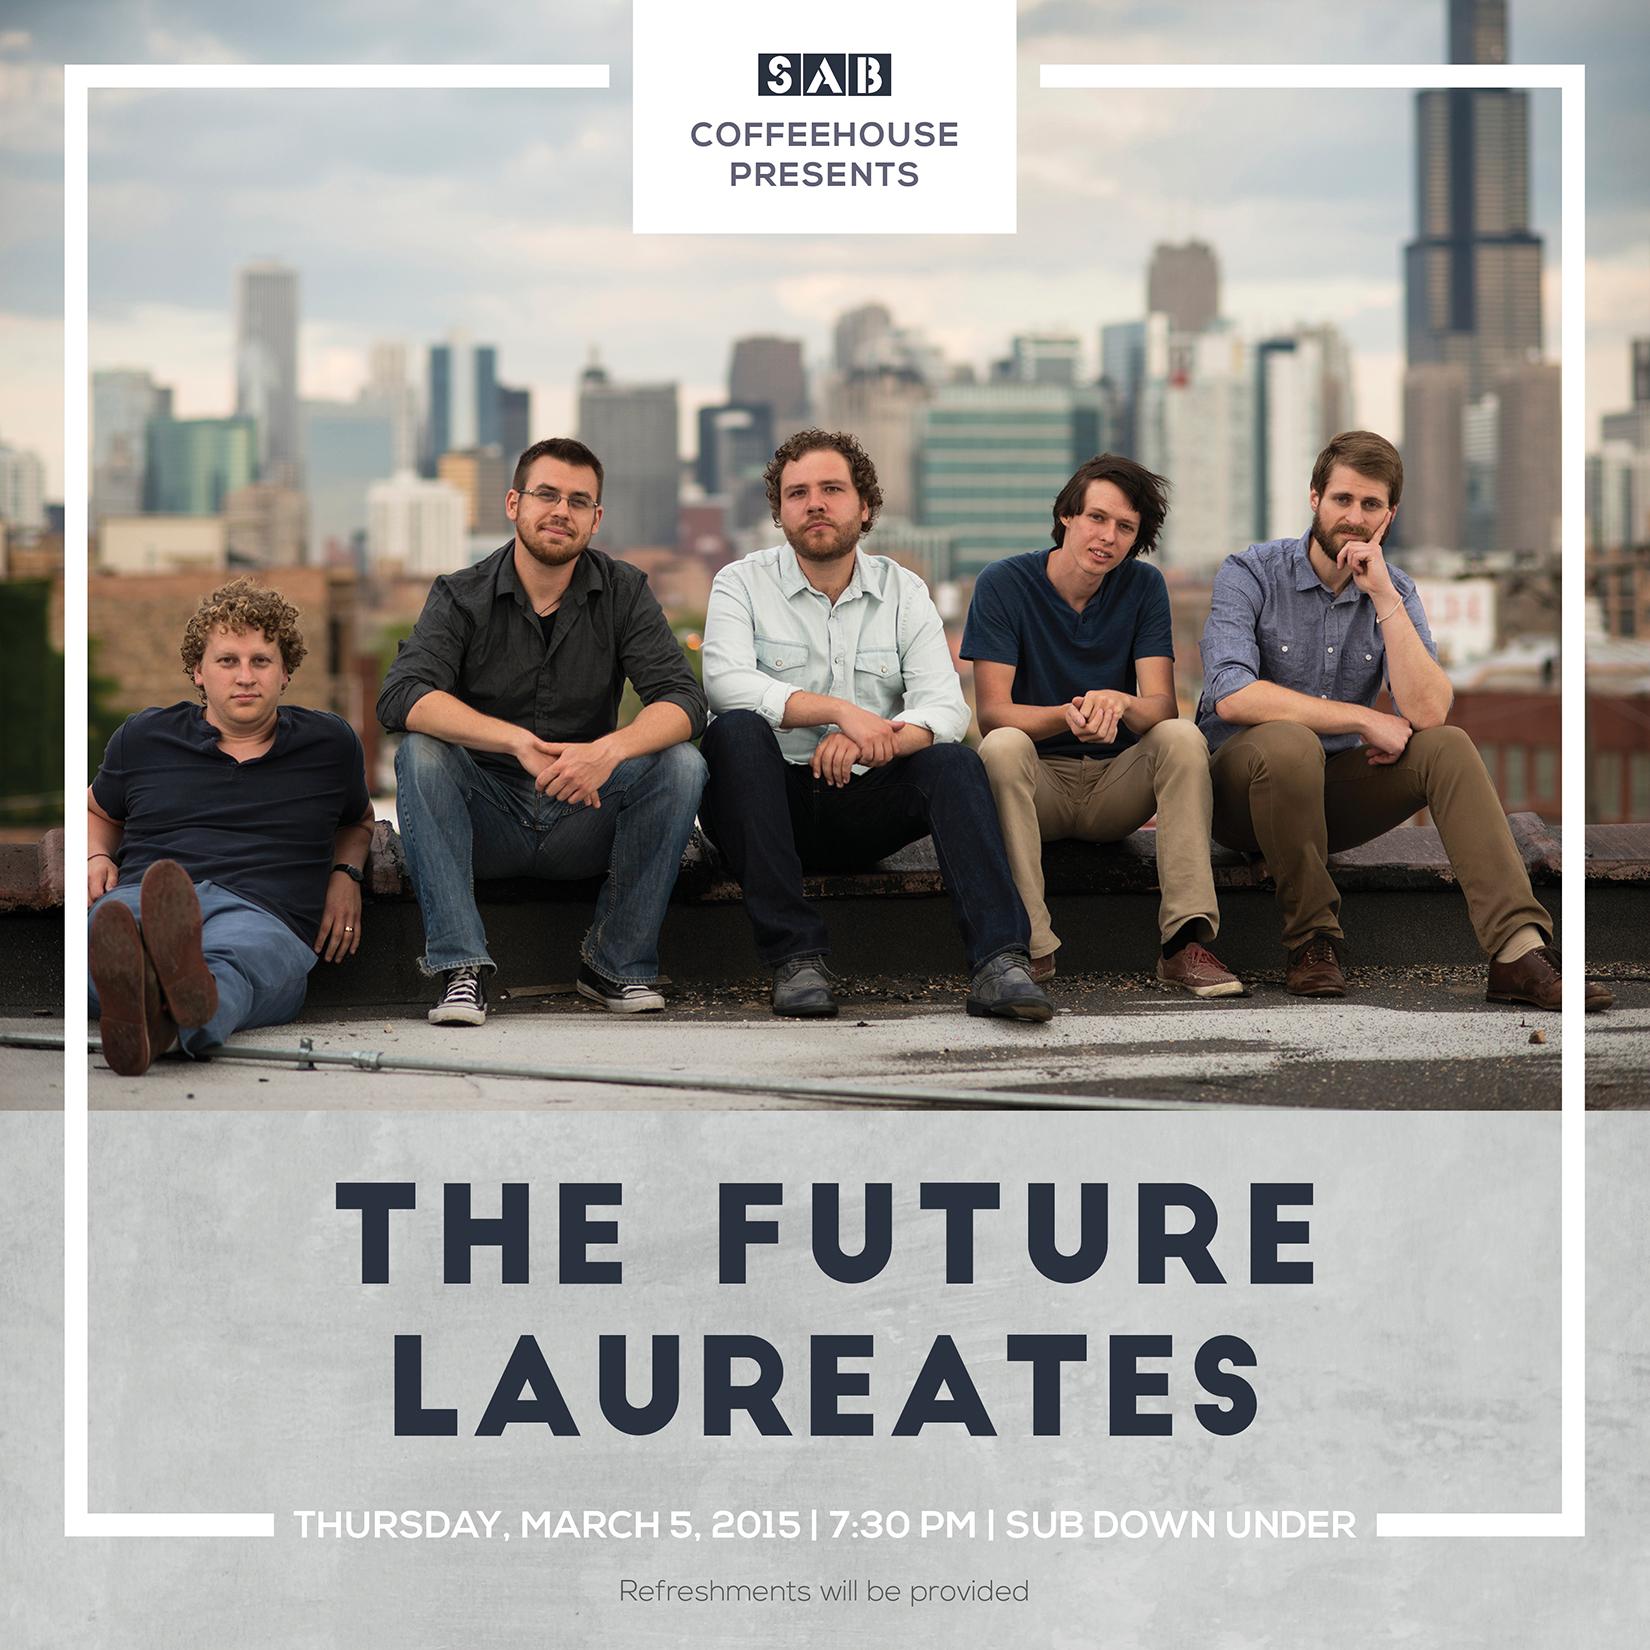 futurelaureates_band_poster_design